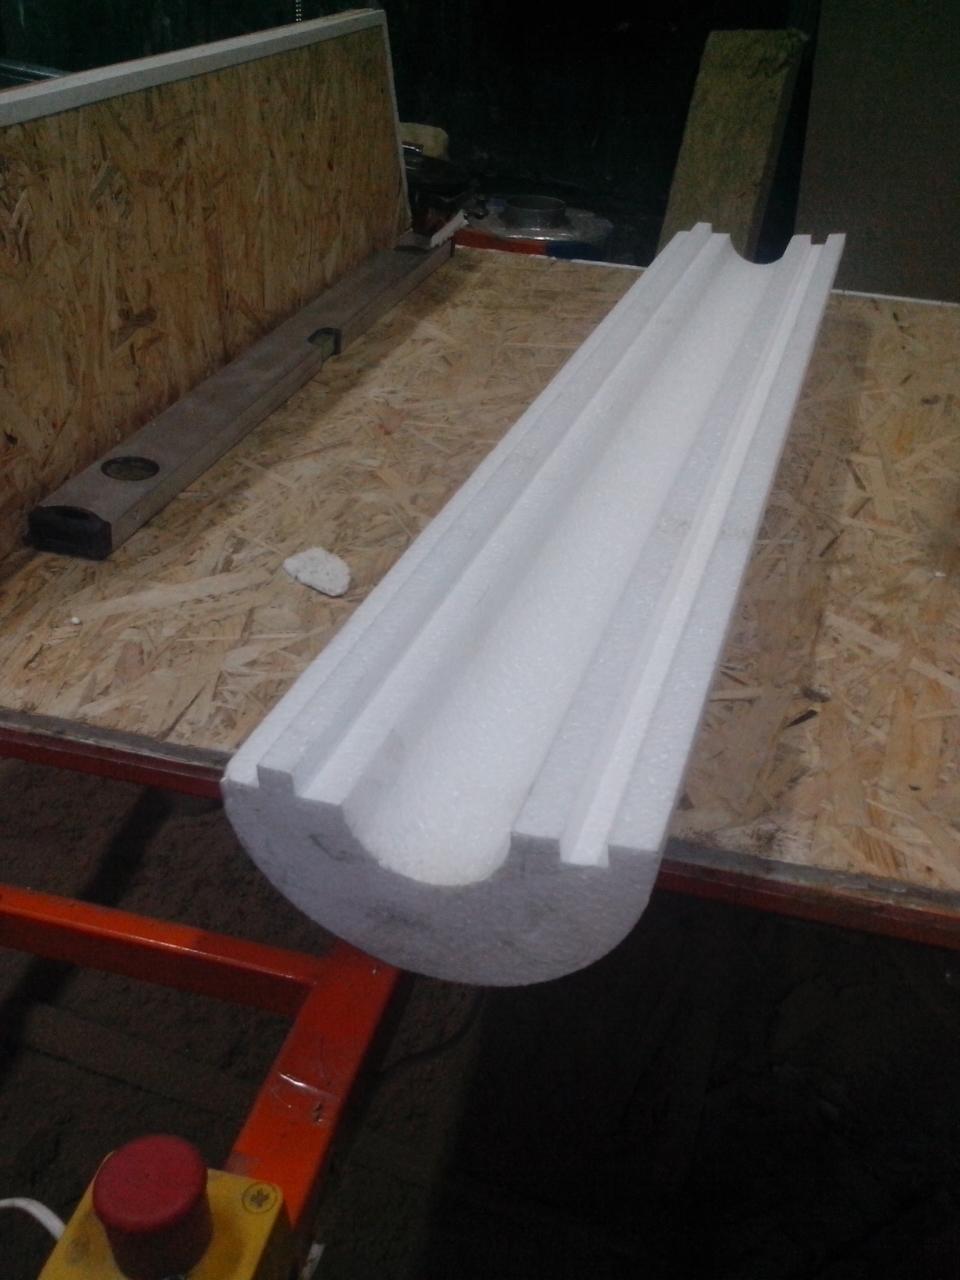 Утеплитель из пенопласта (пенополистирола) для труб Ø 50 мм толщиной 100 мм